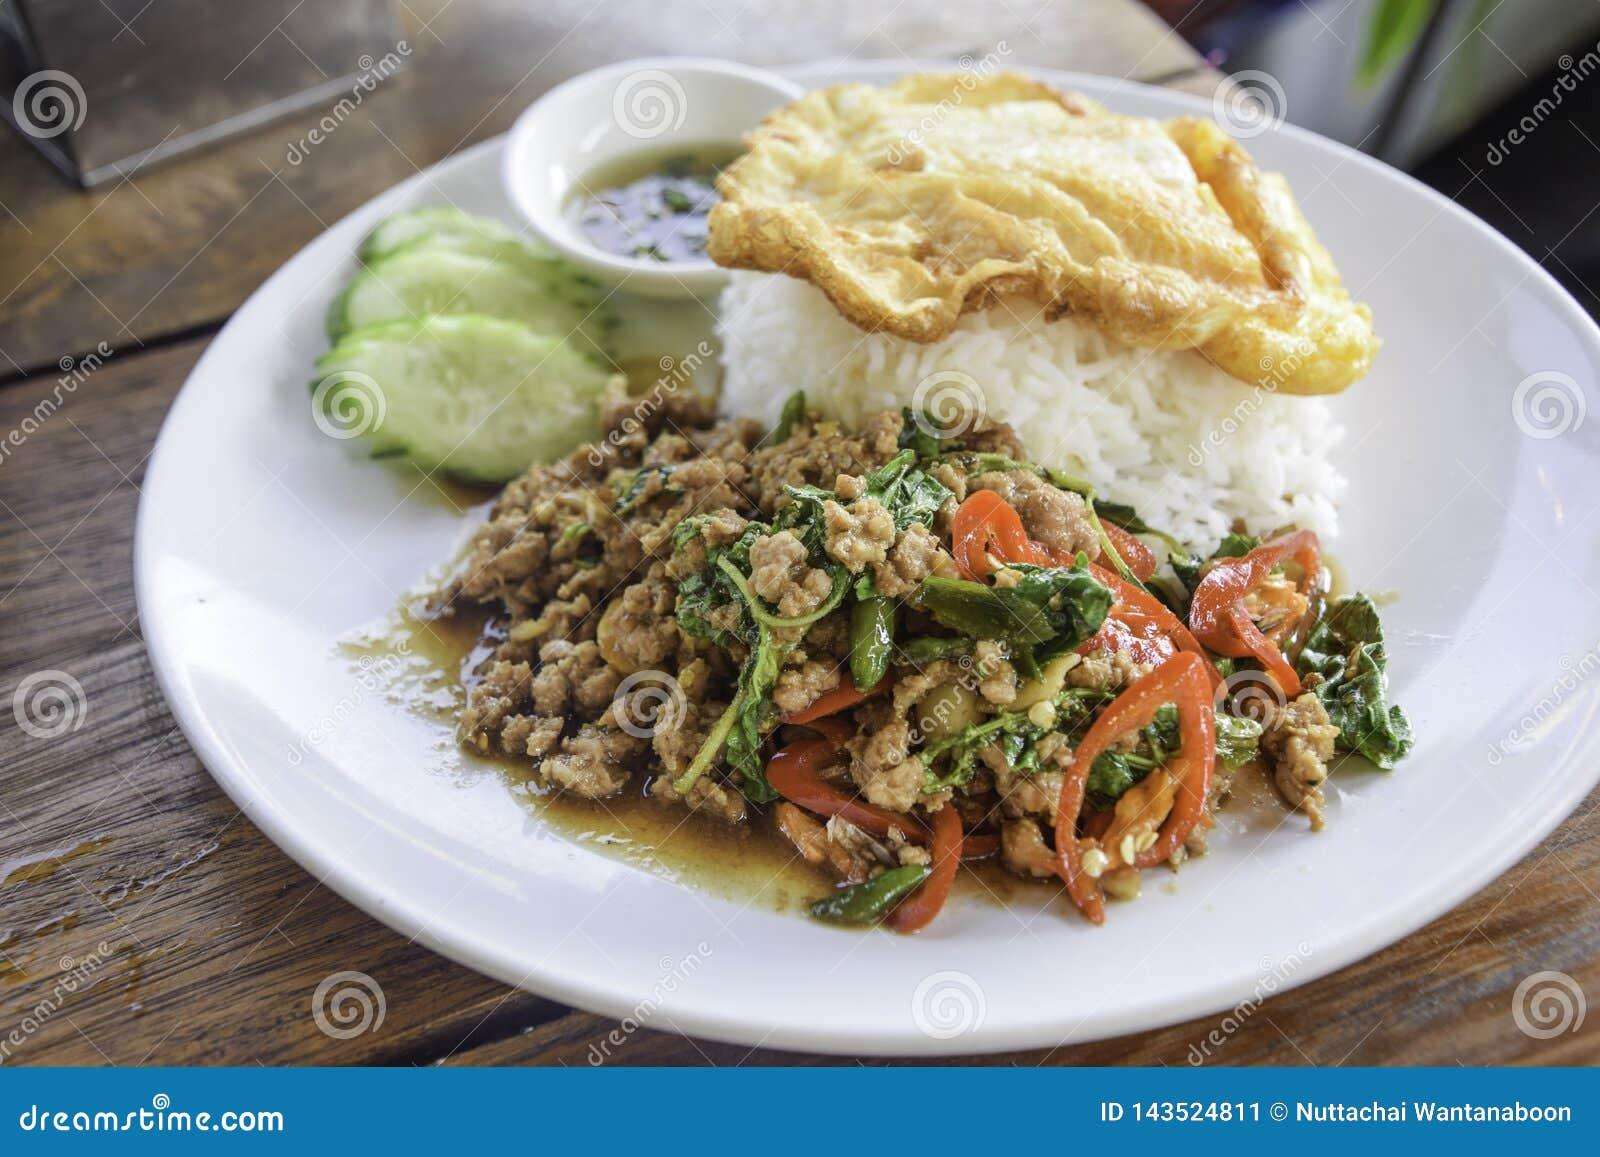 Рис с Шевелить-зажаренной свининой с листьями базилика на белом блюде